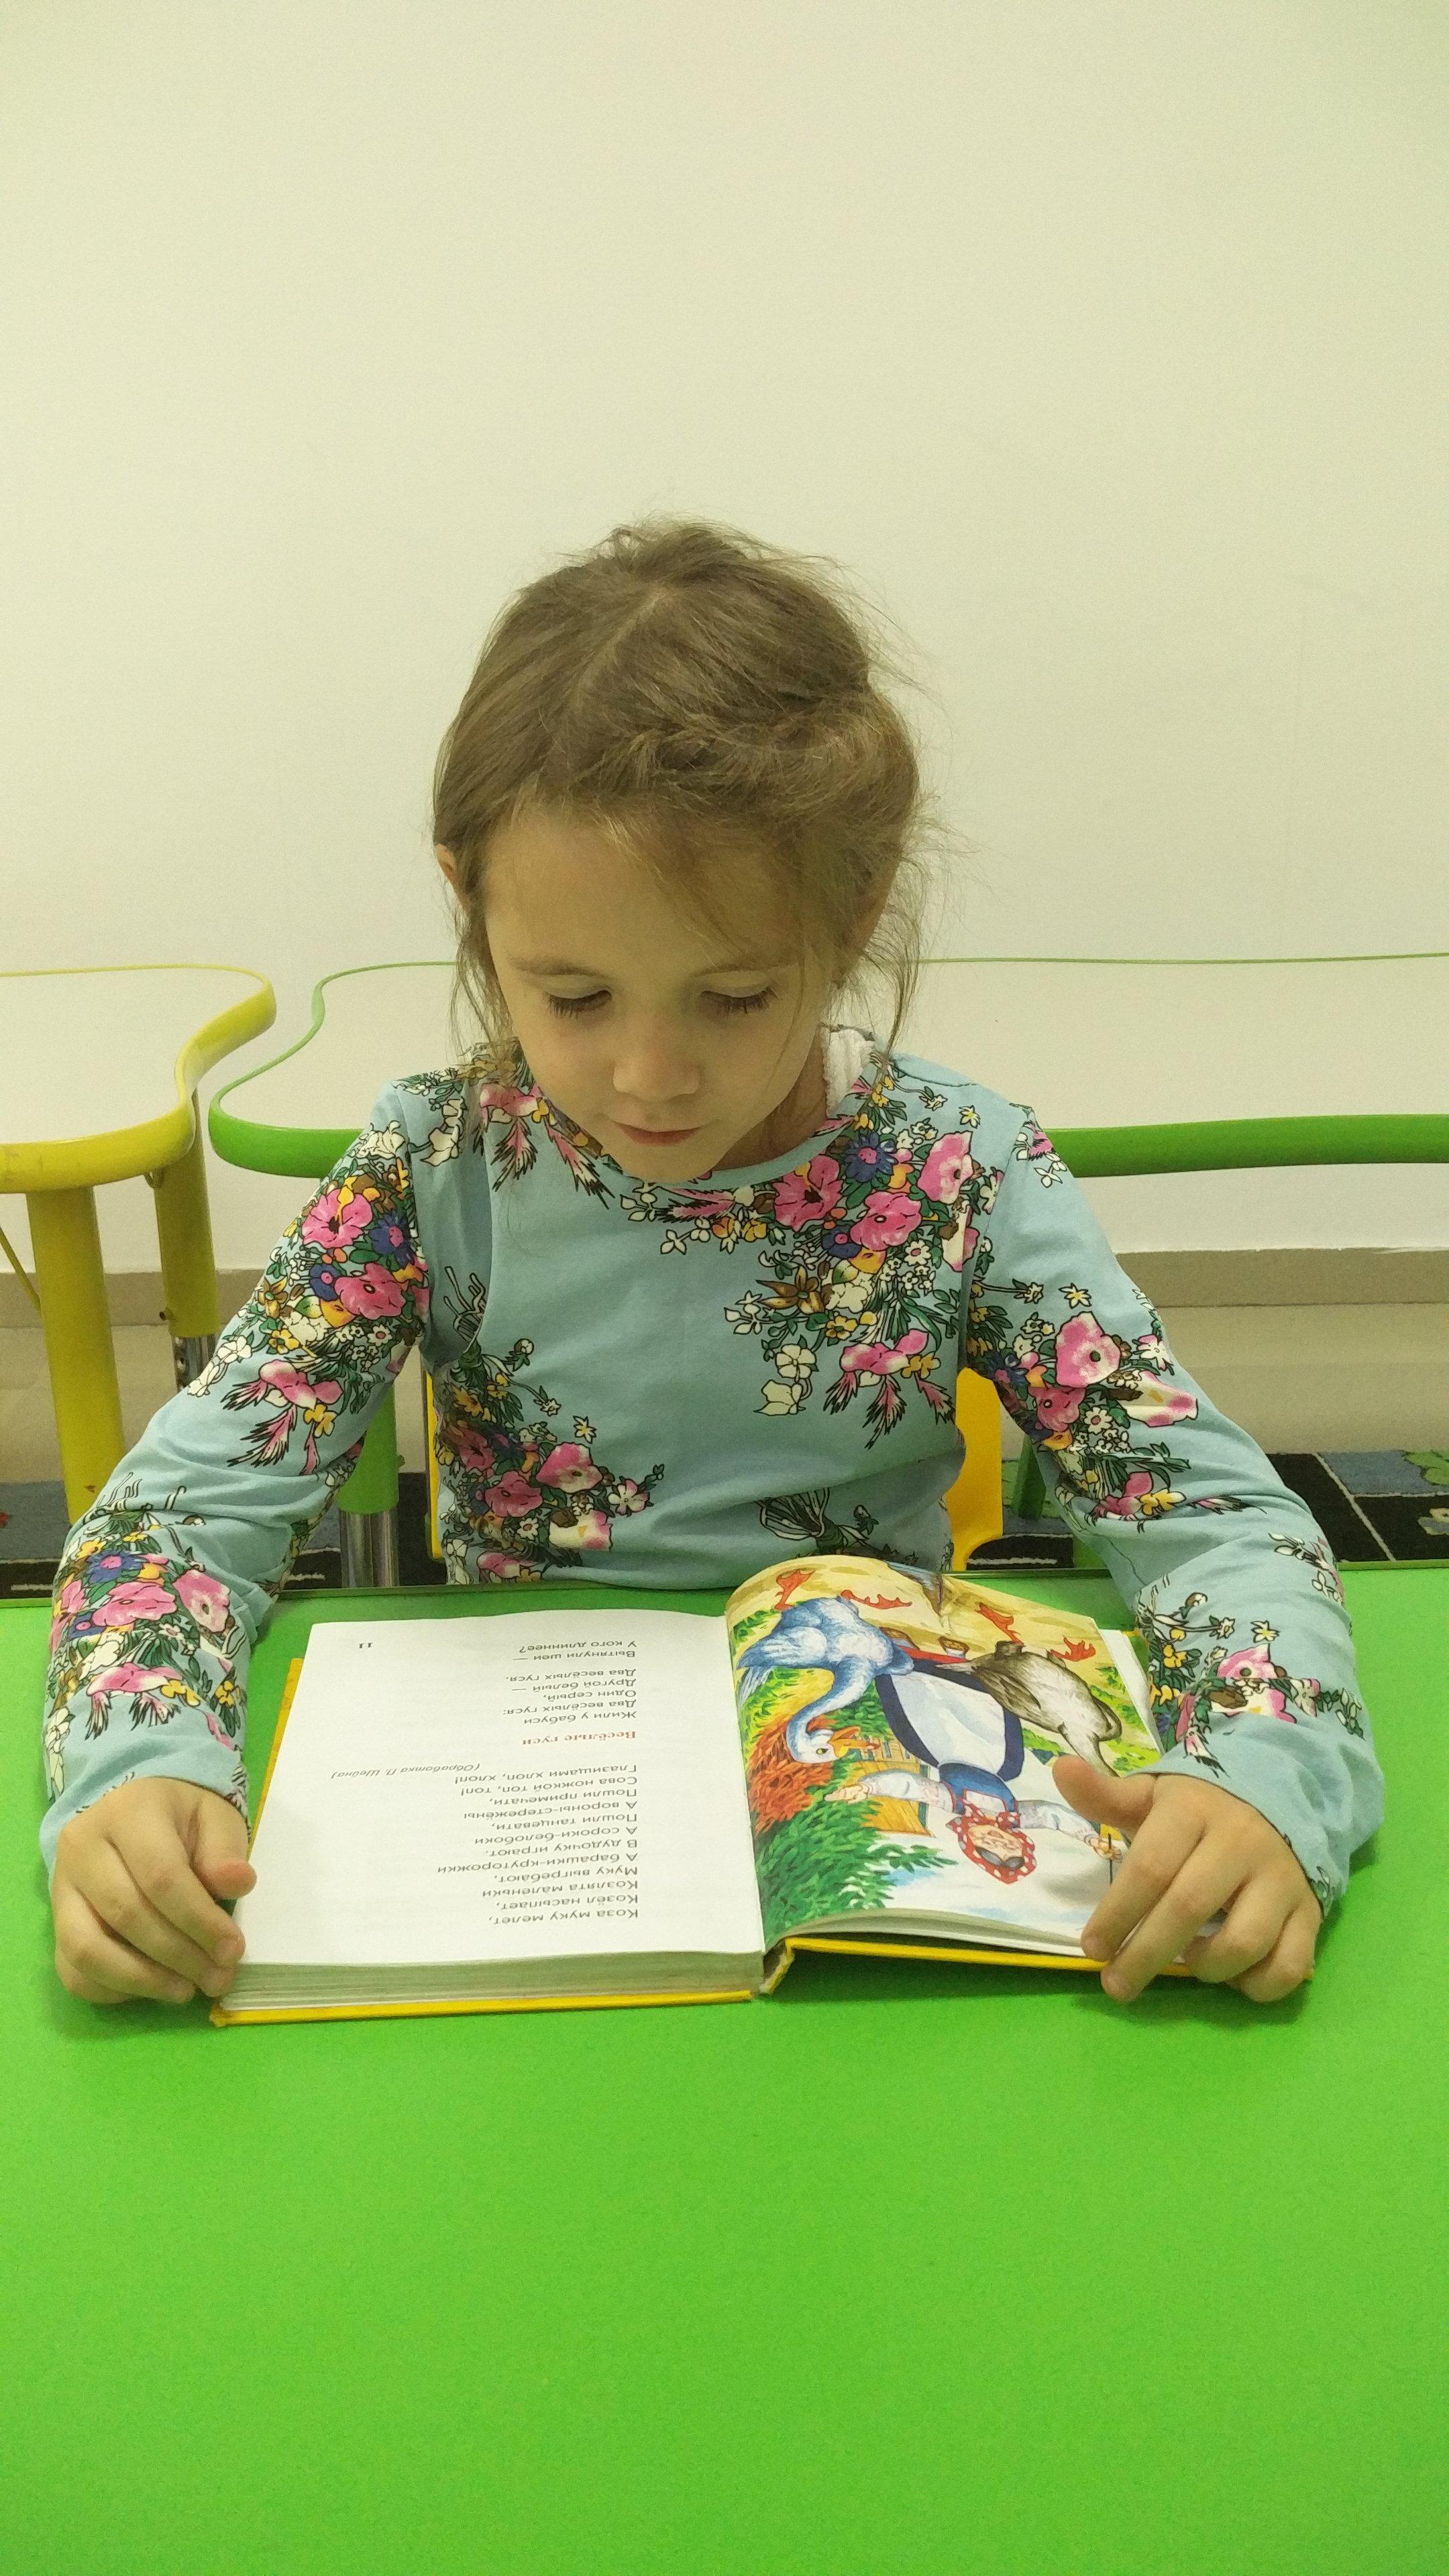 научить_читать_ребенка_Алматы.jpg